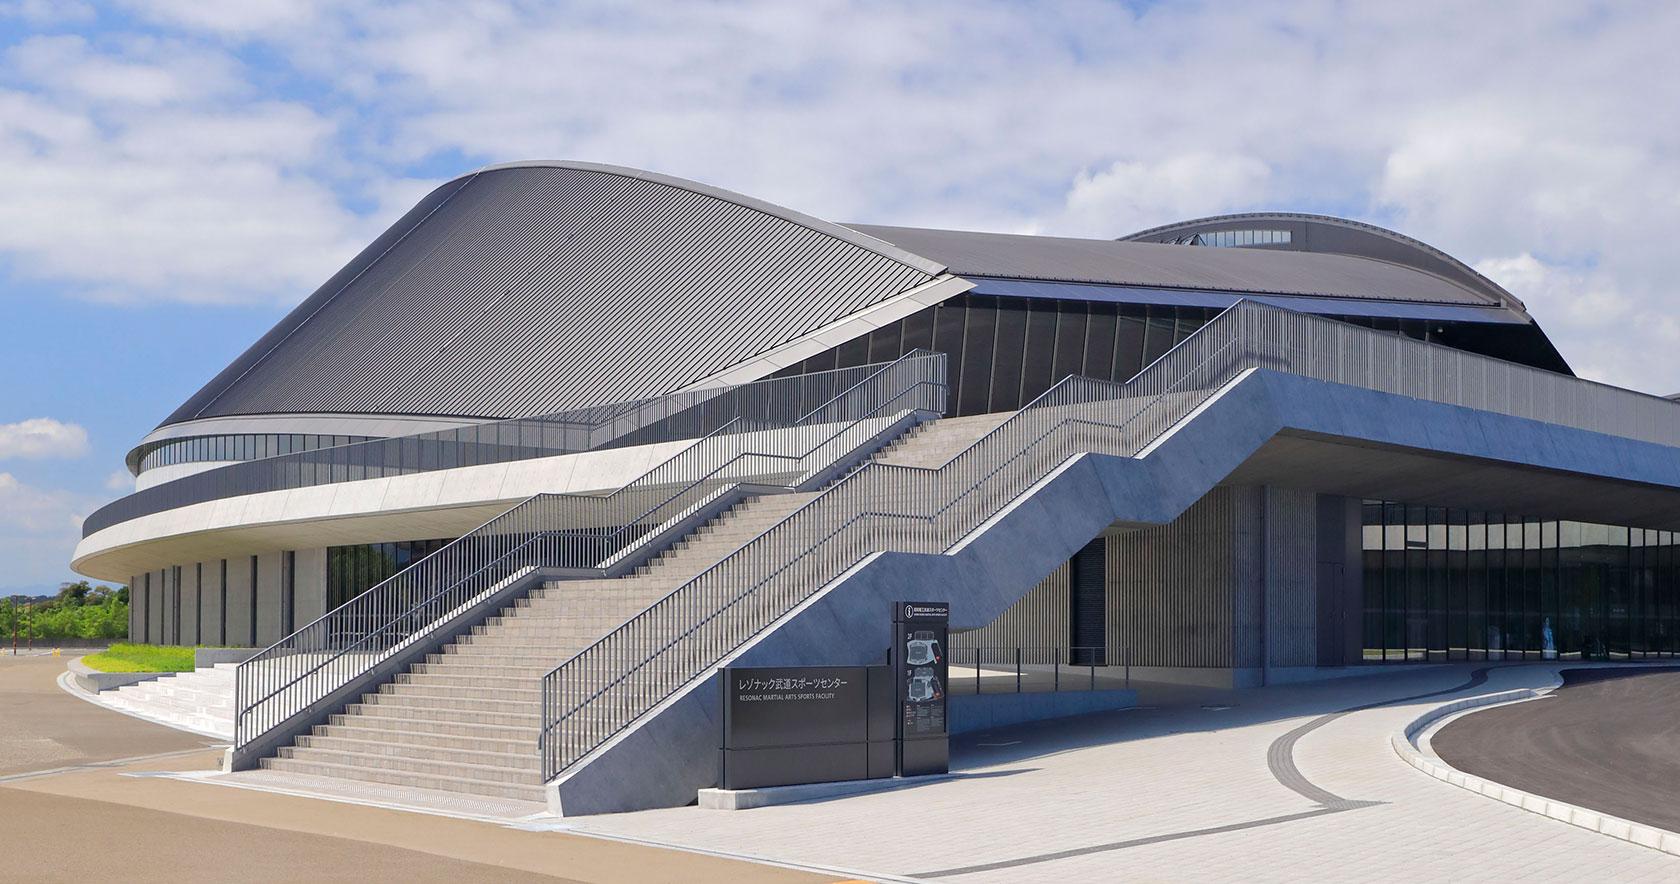 昭和電工武道スポーツセンター